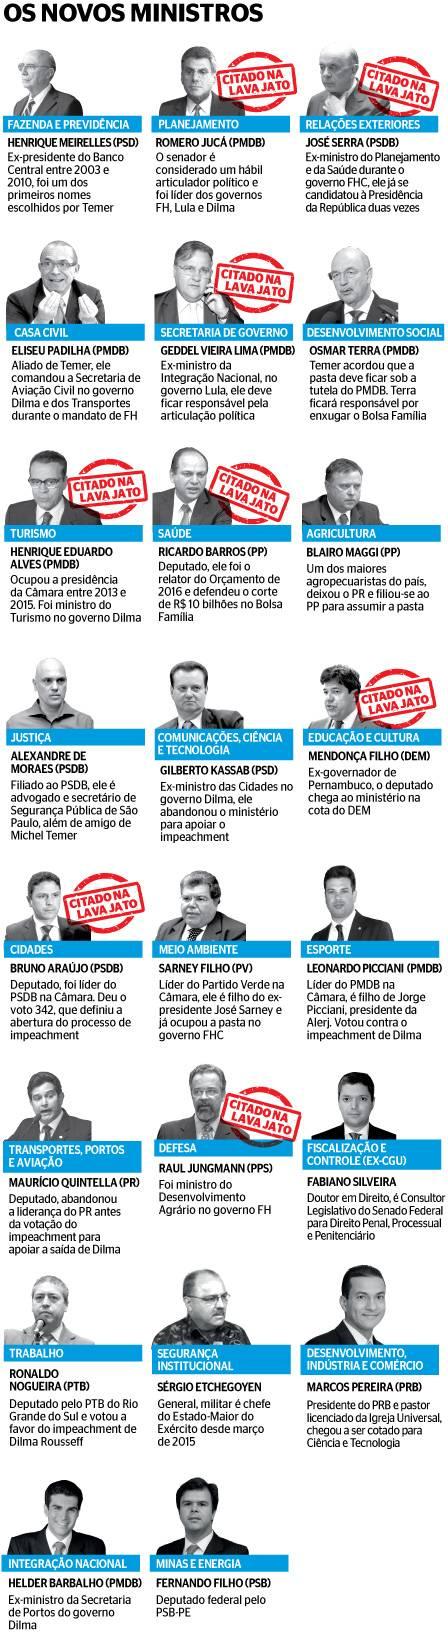 Novos ministros de Michel Temer (Crédito: Reprodução)